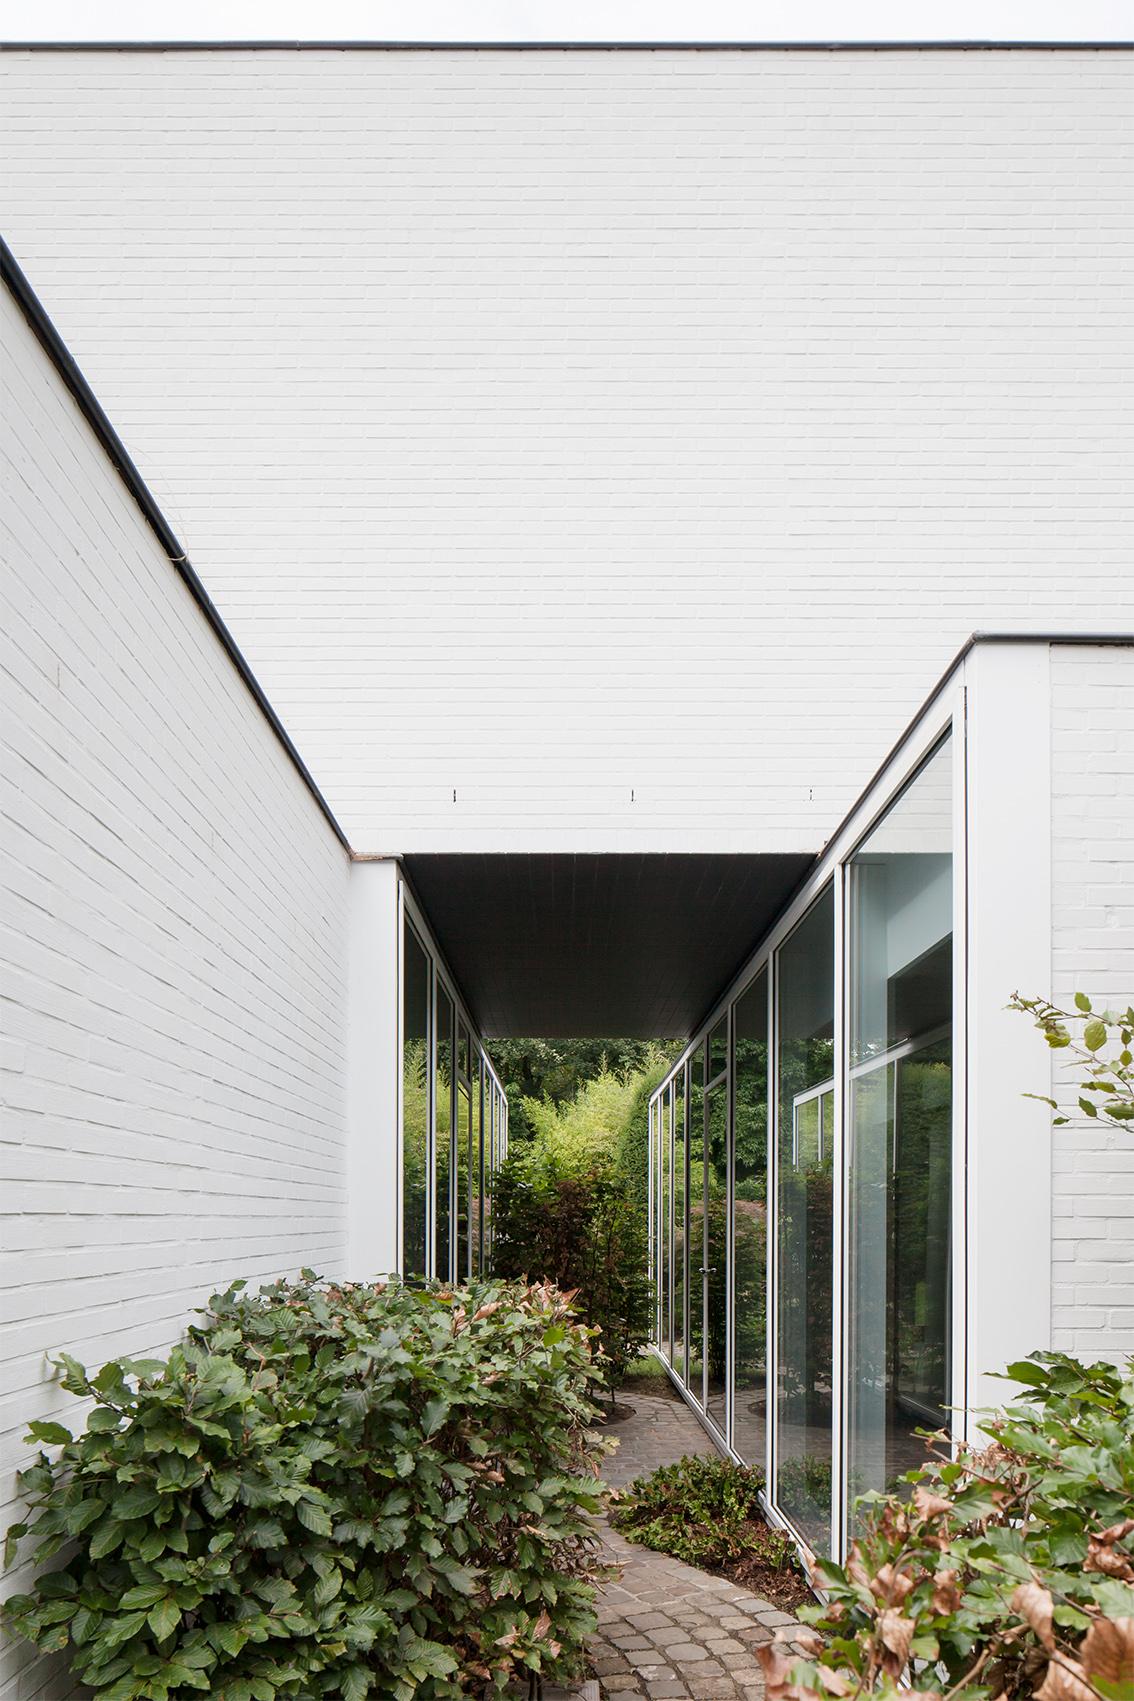 House-For-LD-16.jpg